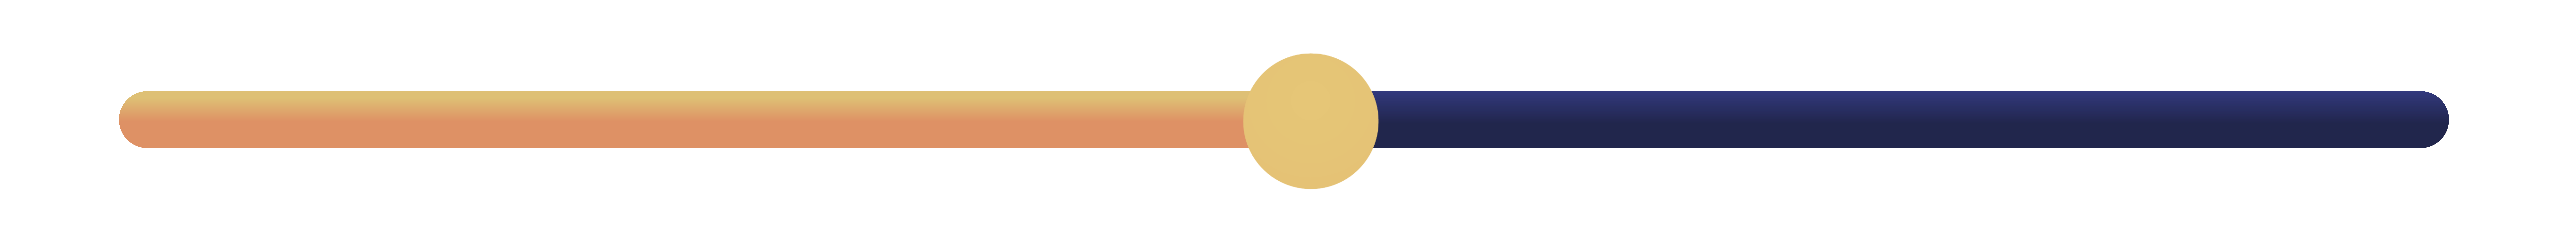 mediumbar